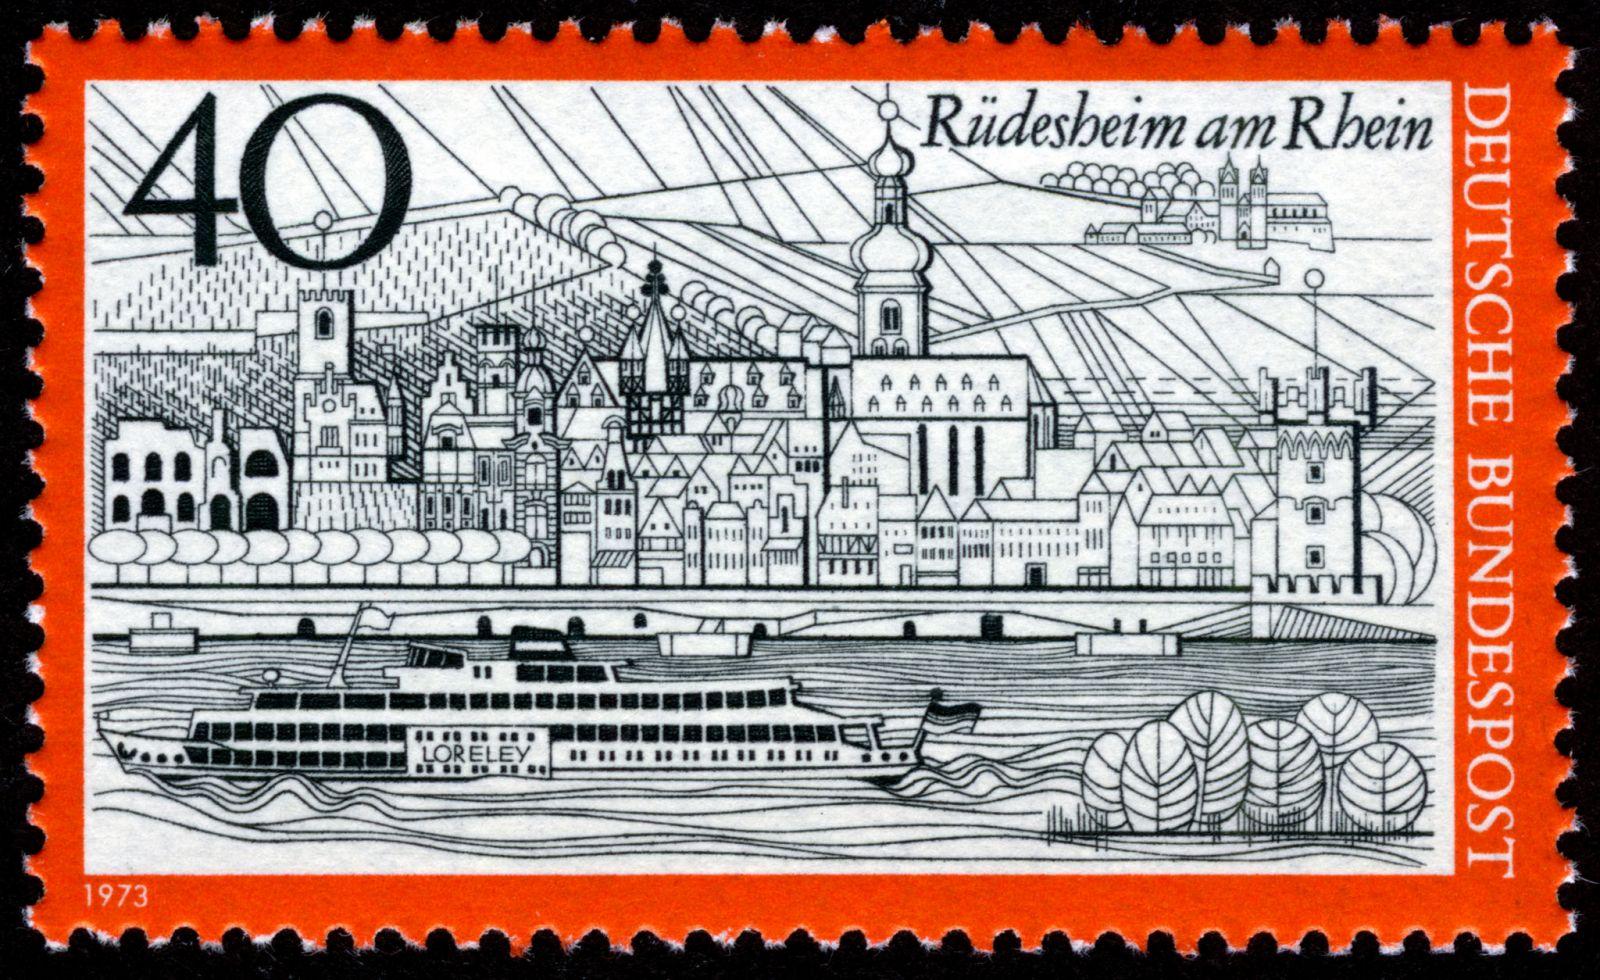 Rüdesheim am Rhein, 1973